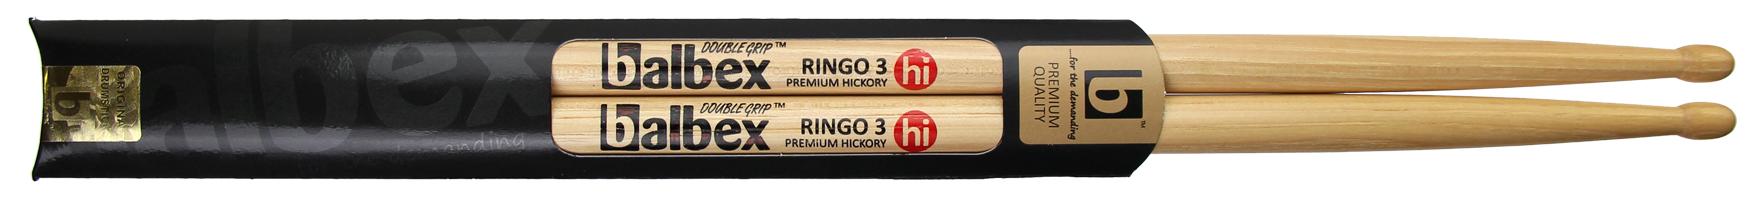 cover-ringo-3-hi